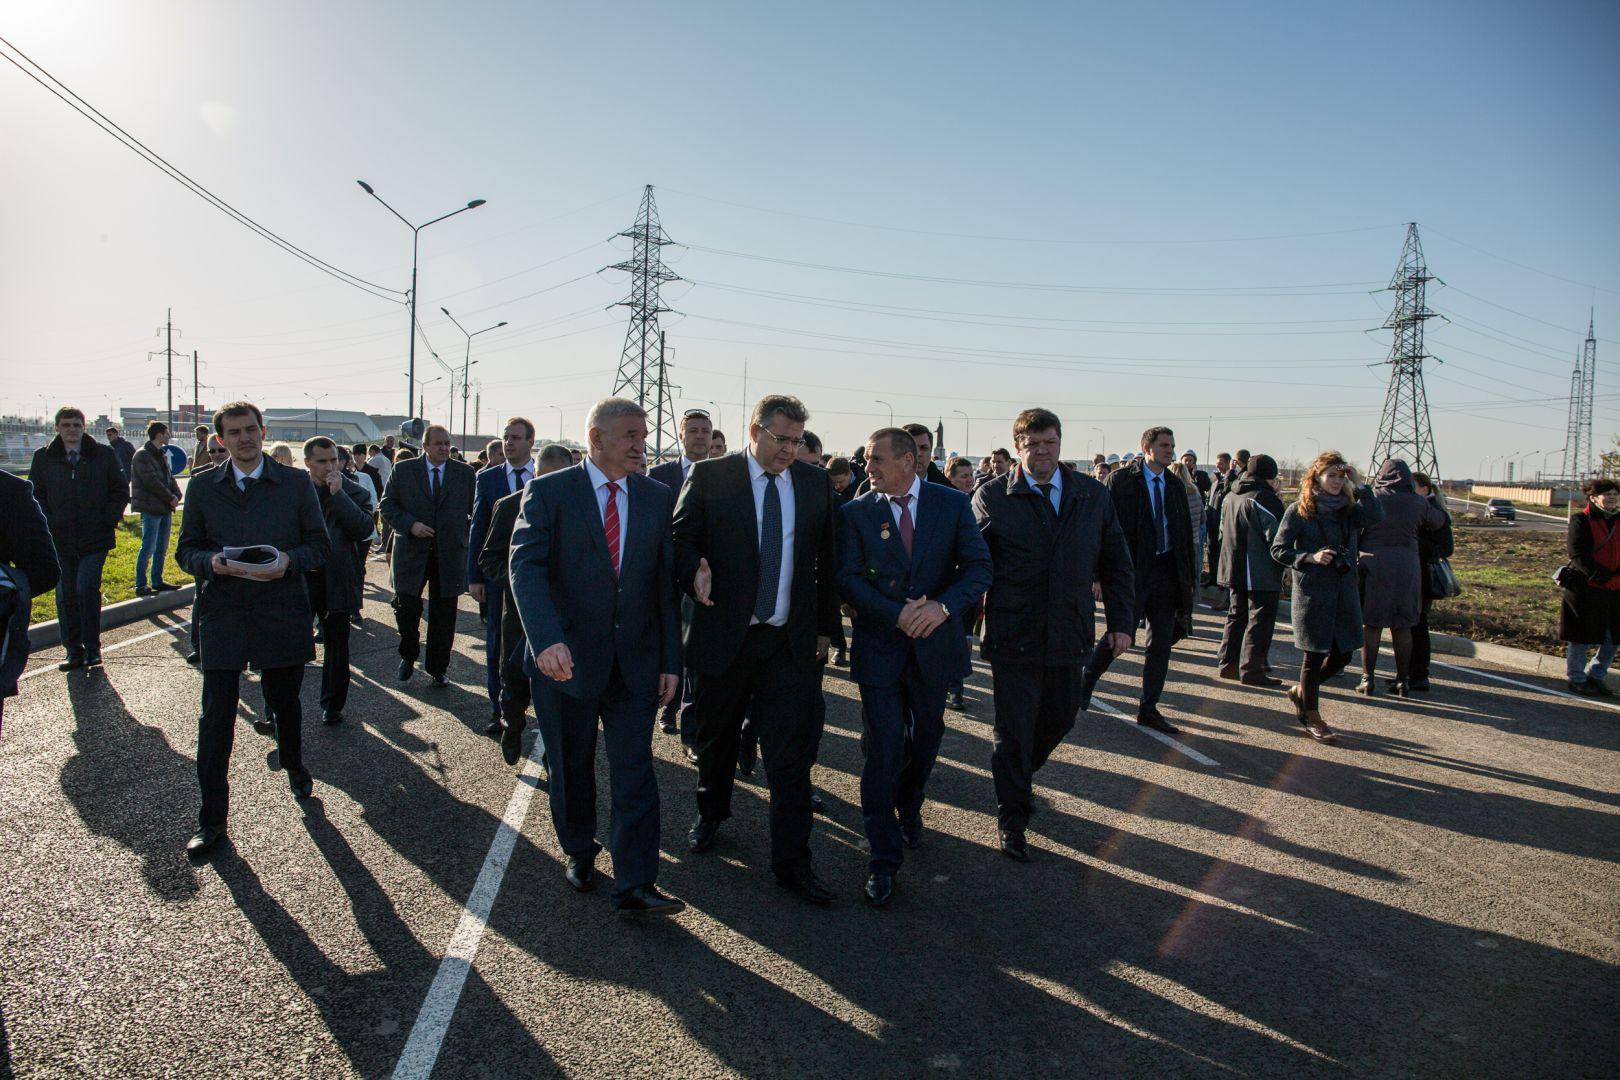 Ставрополье получит 630 млн. руб. наблагоустройство дворов ипарков